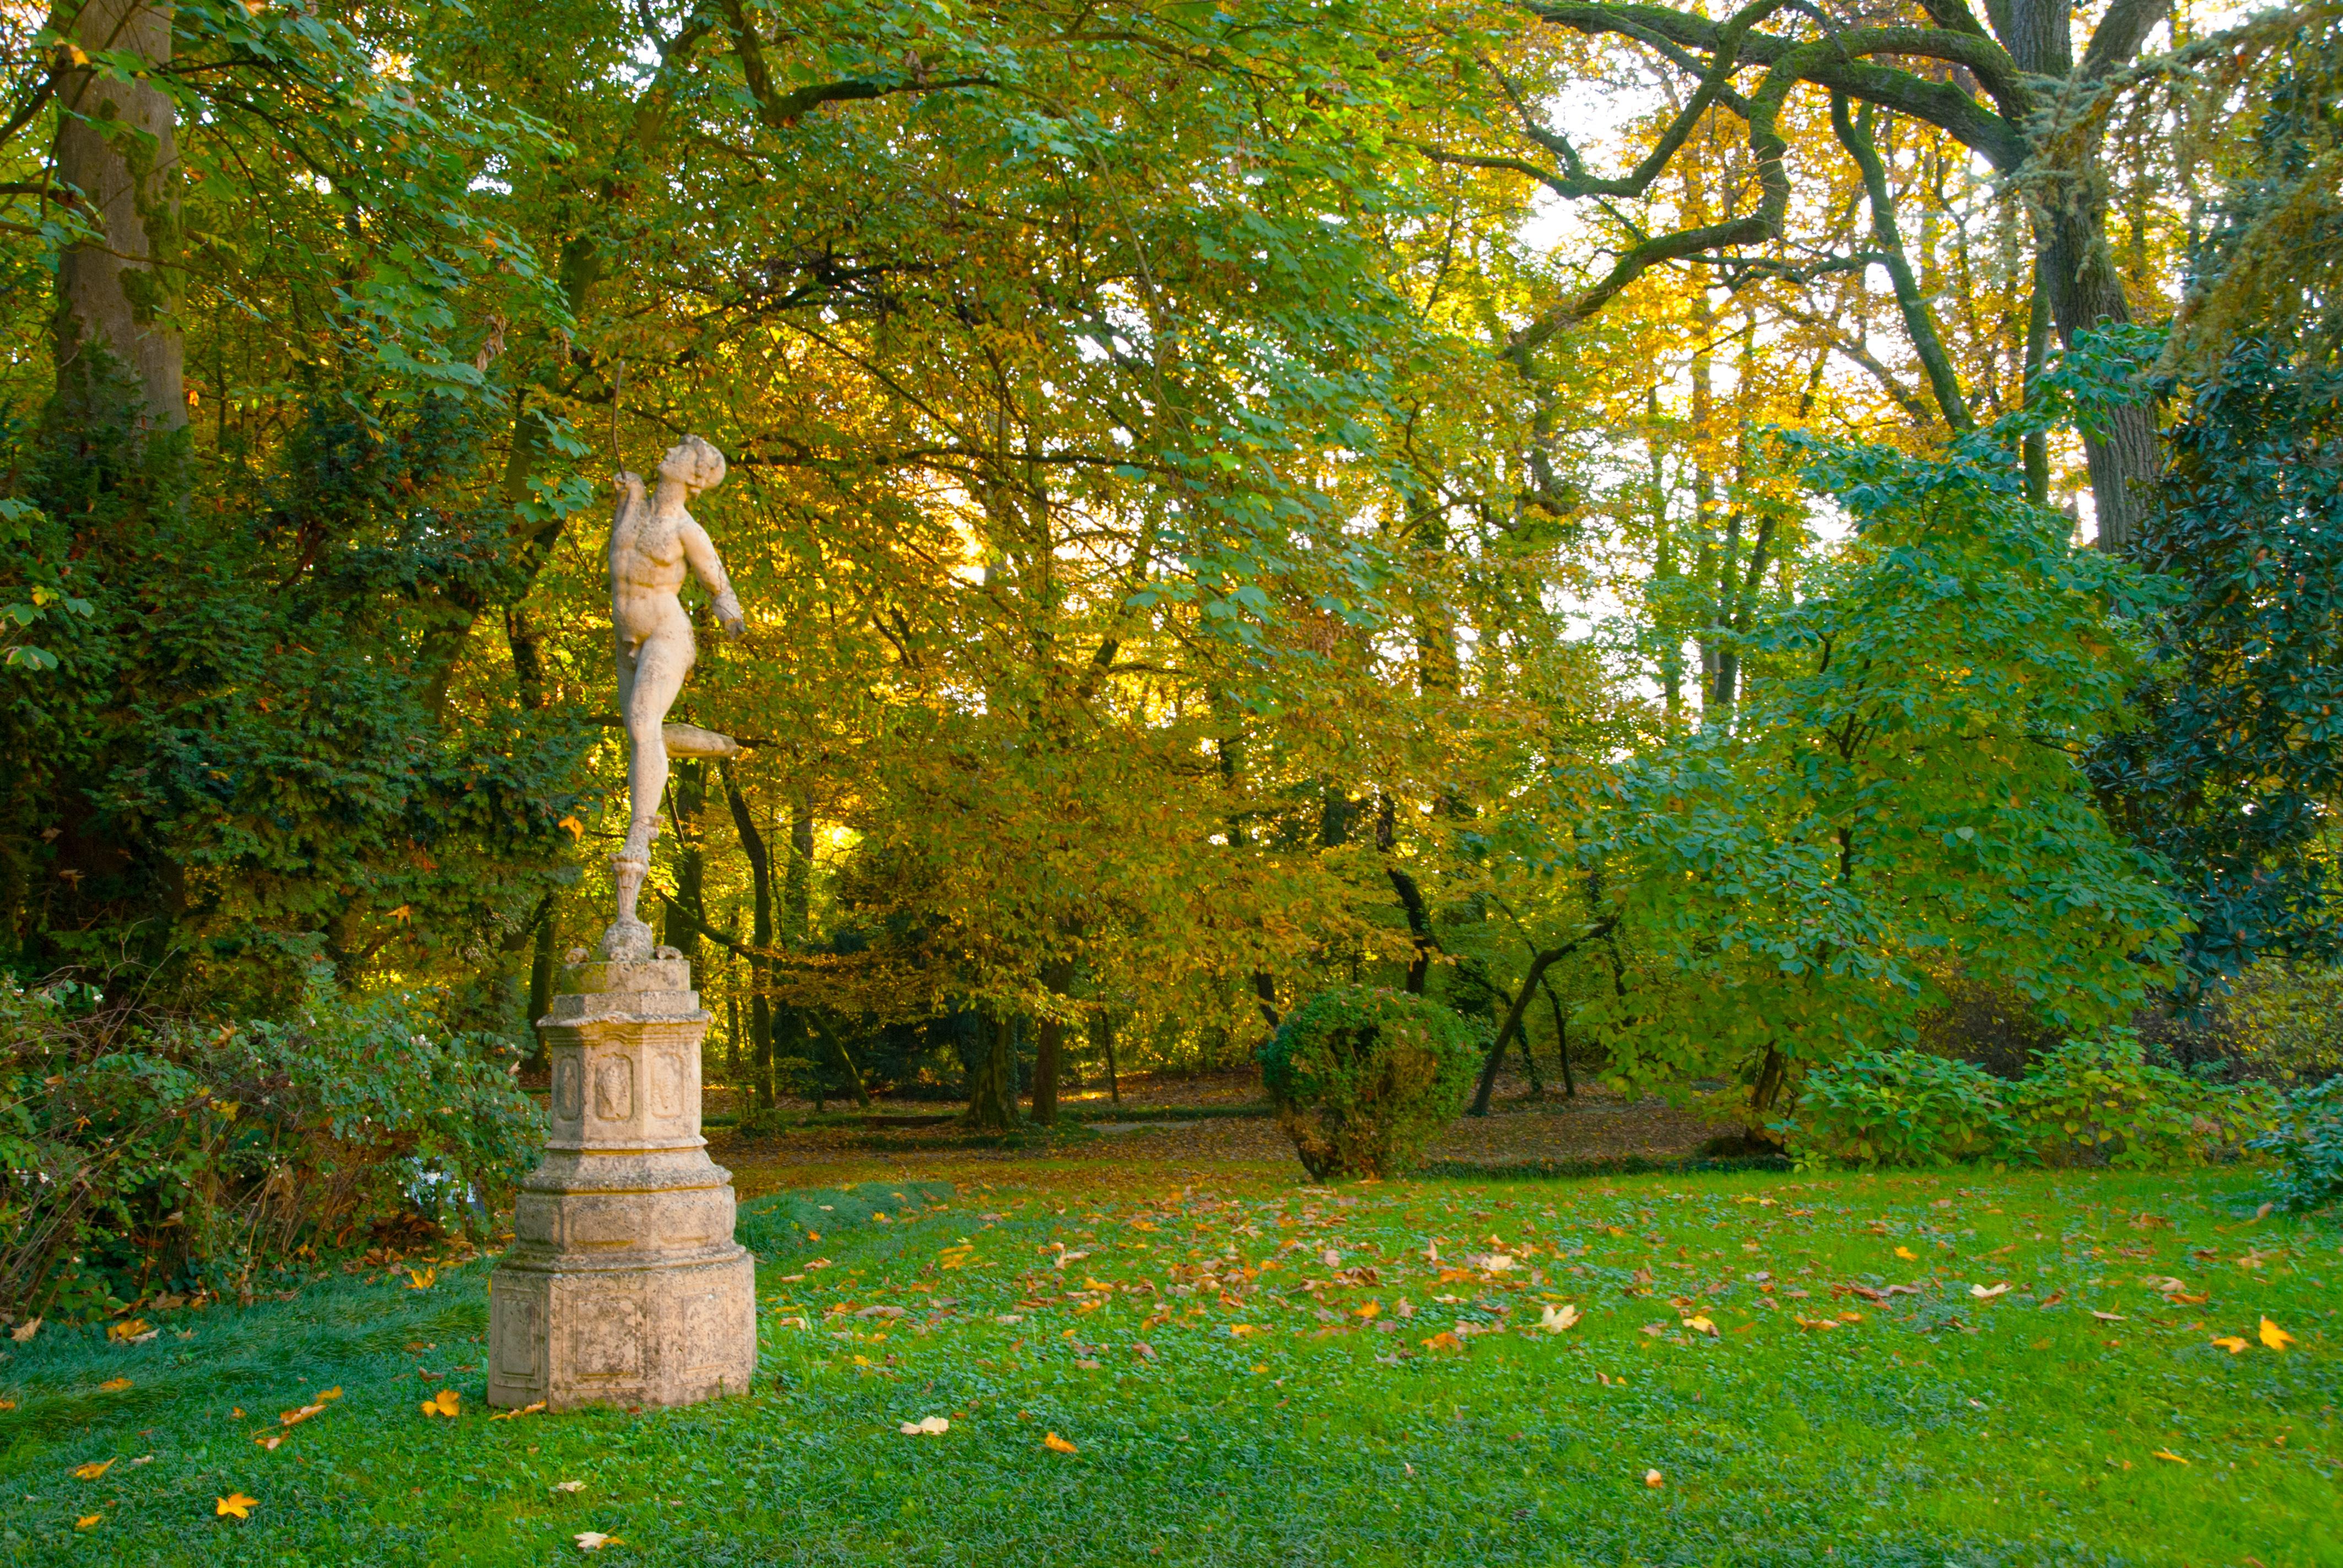 Statue Ornamentali